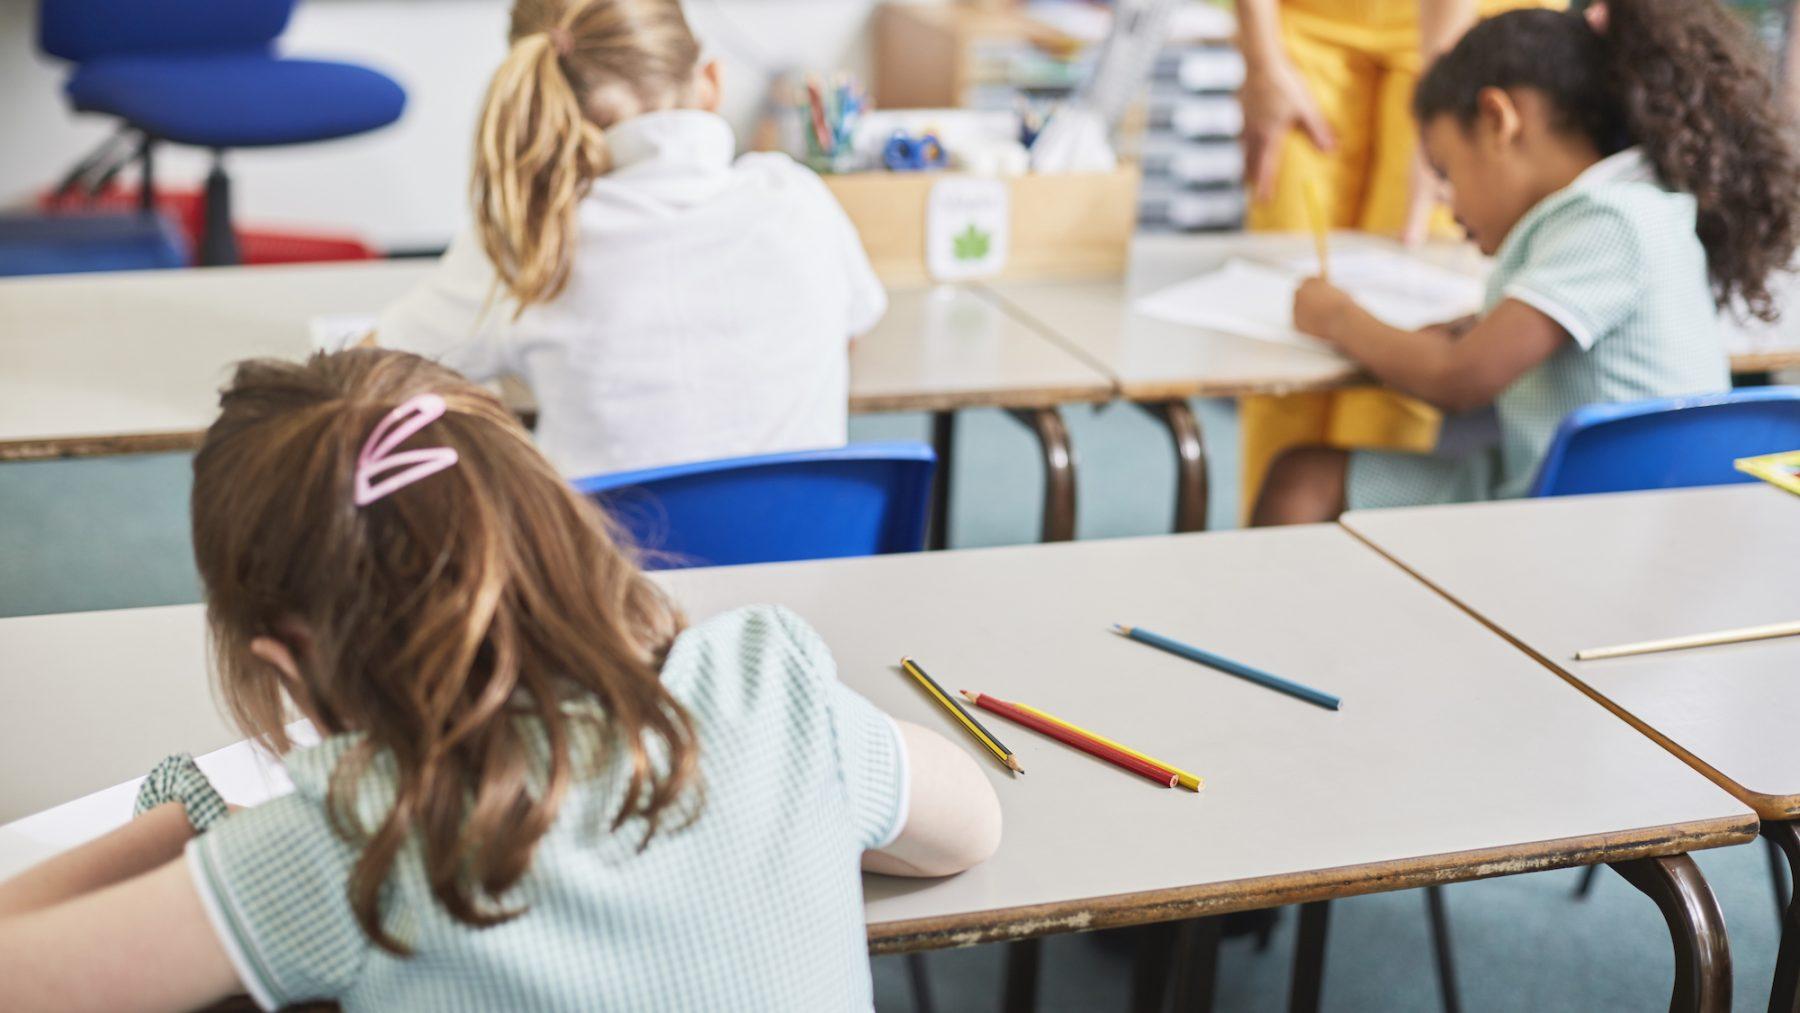 Amsterdamse noodkreet over gevolgen van lerarentekort aan Rutte